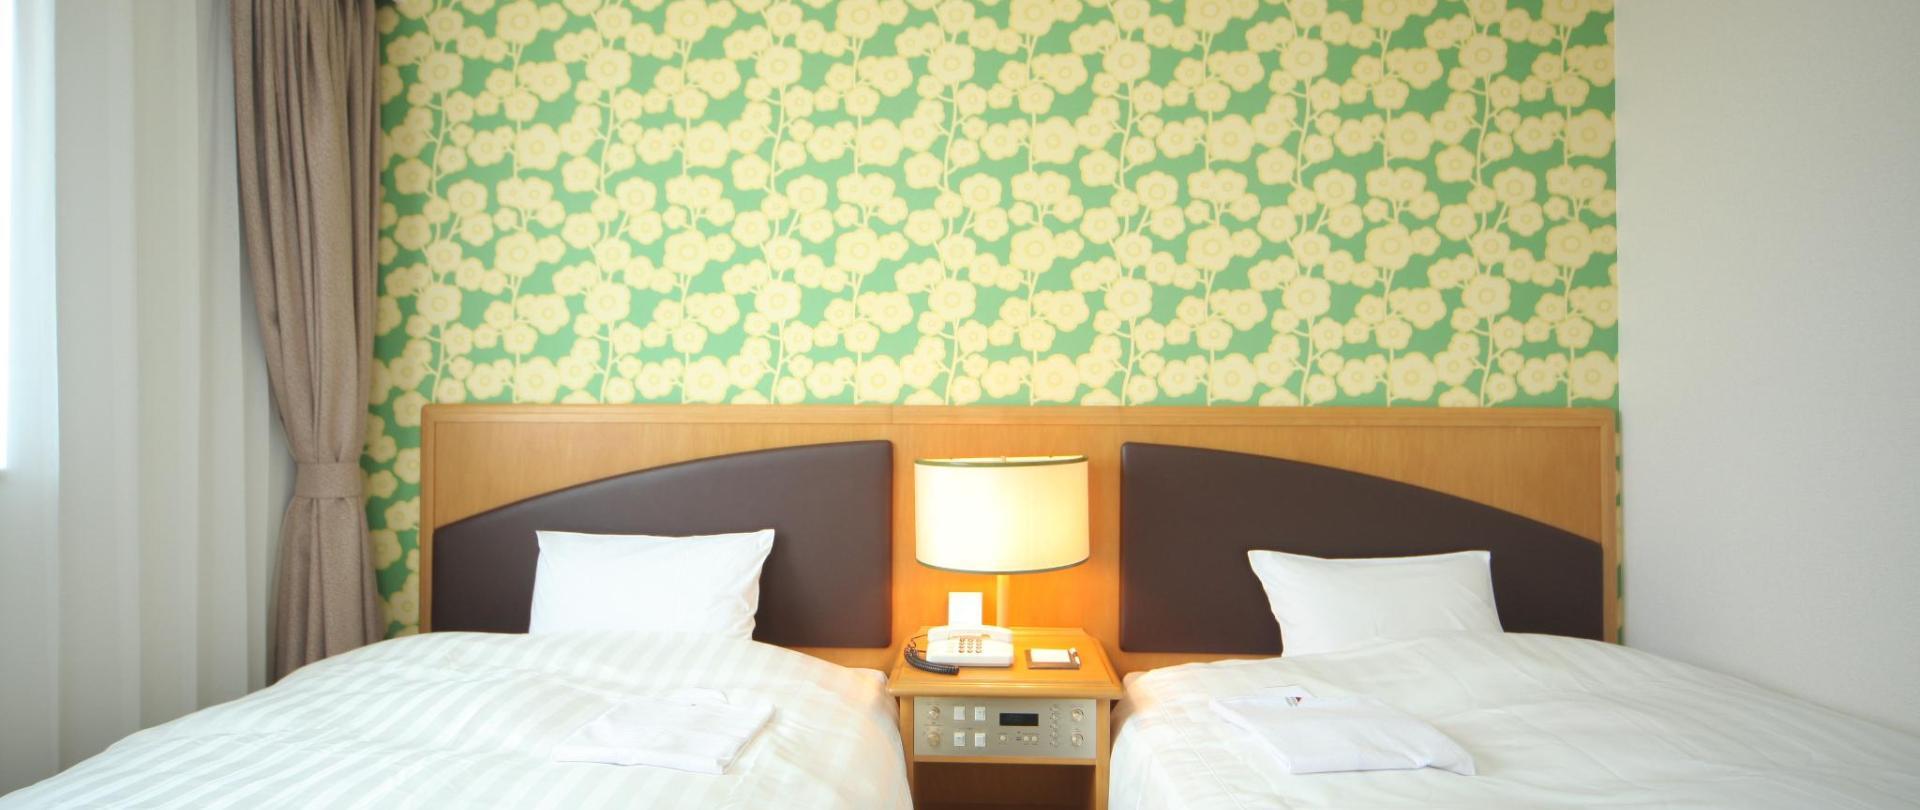 Hotel Wing International Tomakomai